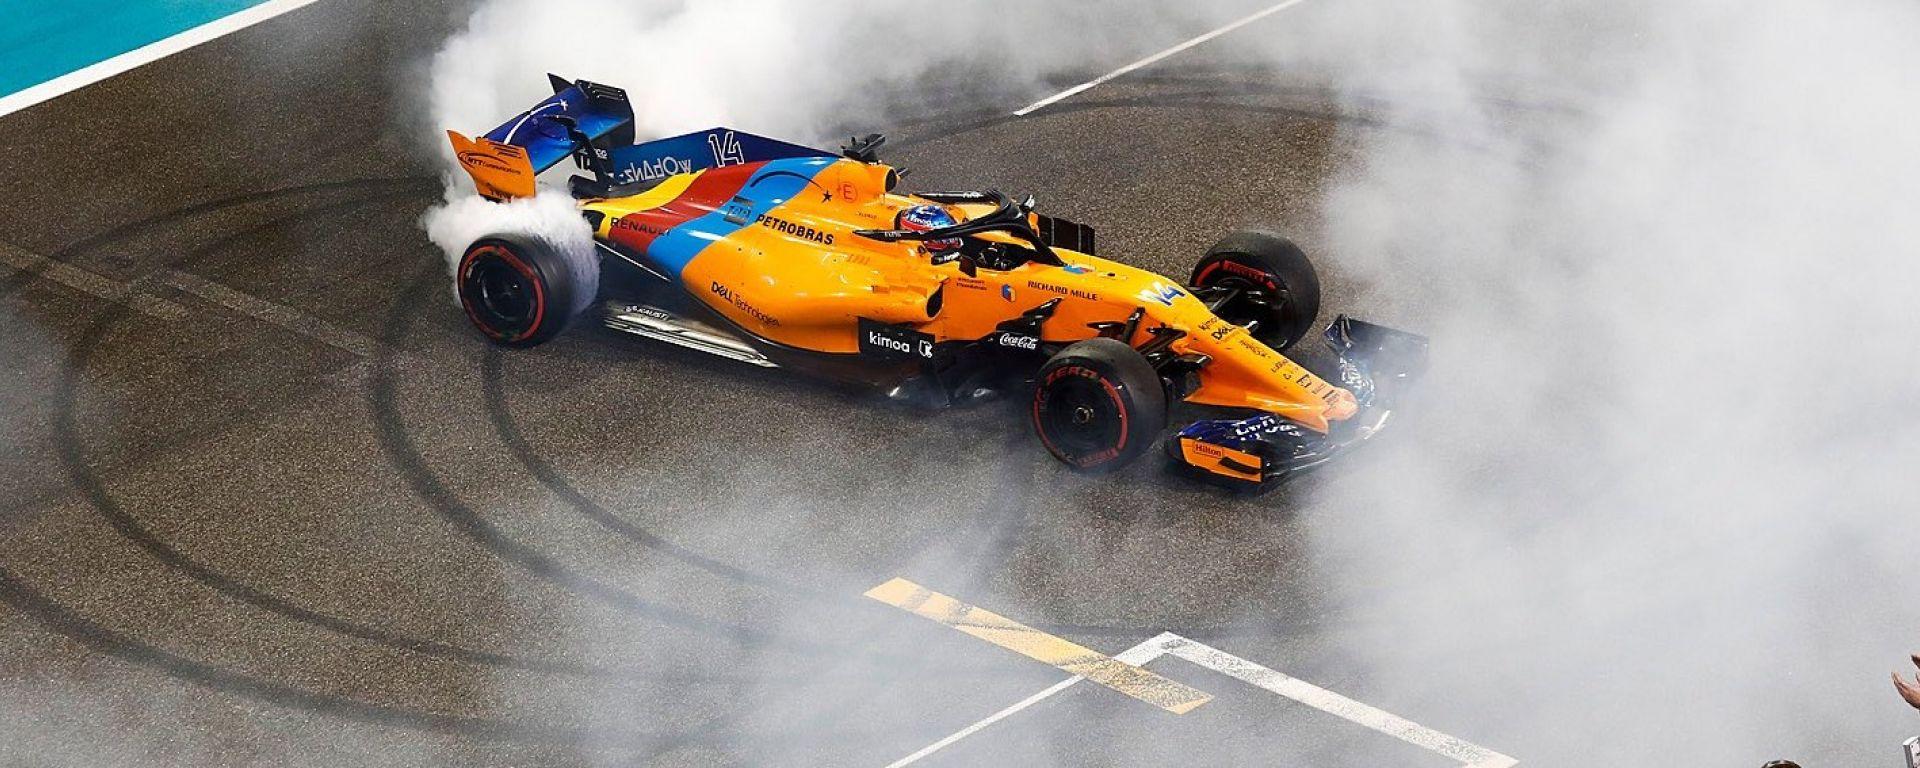 """Alonso: """"Grazie a tutti, un onore aver guidato nell'era di Lewis e Seb"""""""